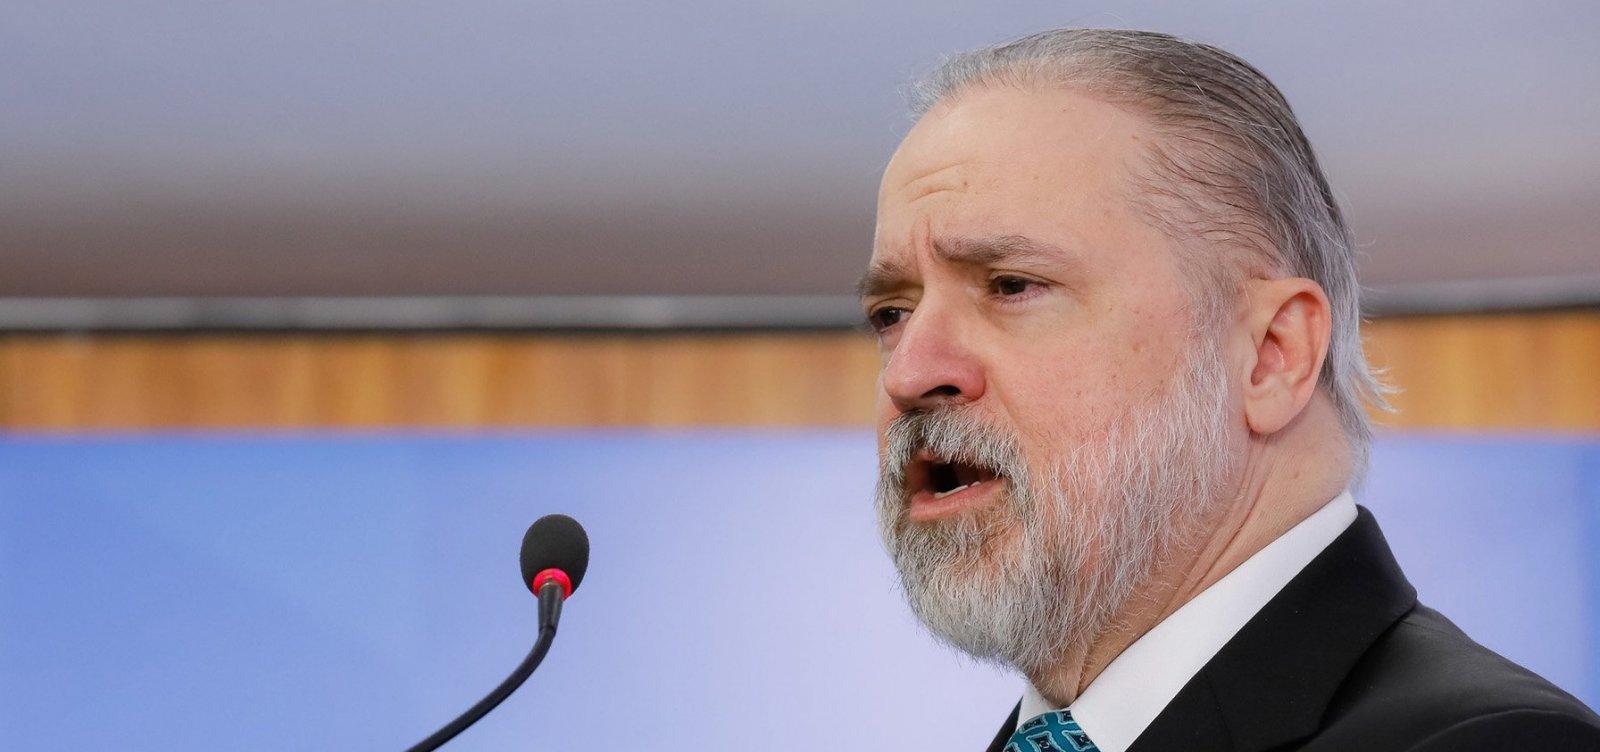 [PGR critica divulgação integral de reunião ministerial e aponta 'instabilidade pública' e 'uso político']